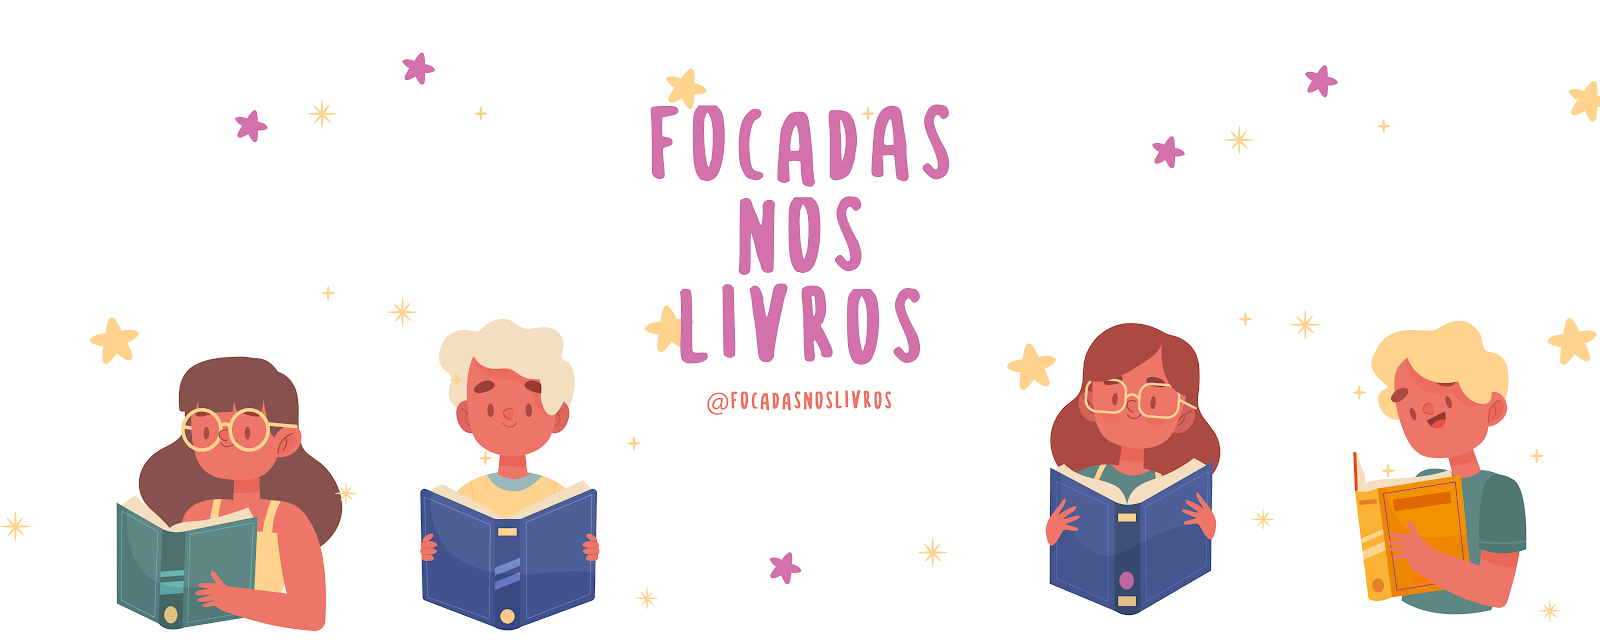 Focadas nos Livros